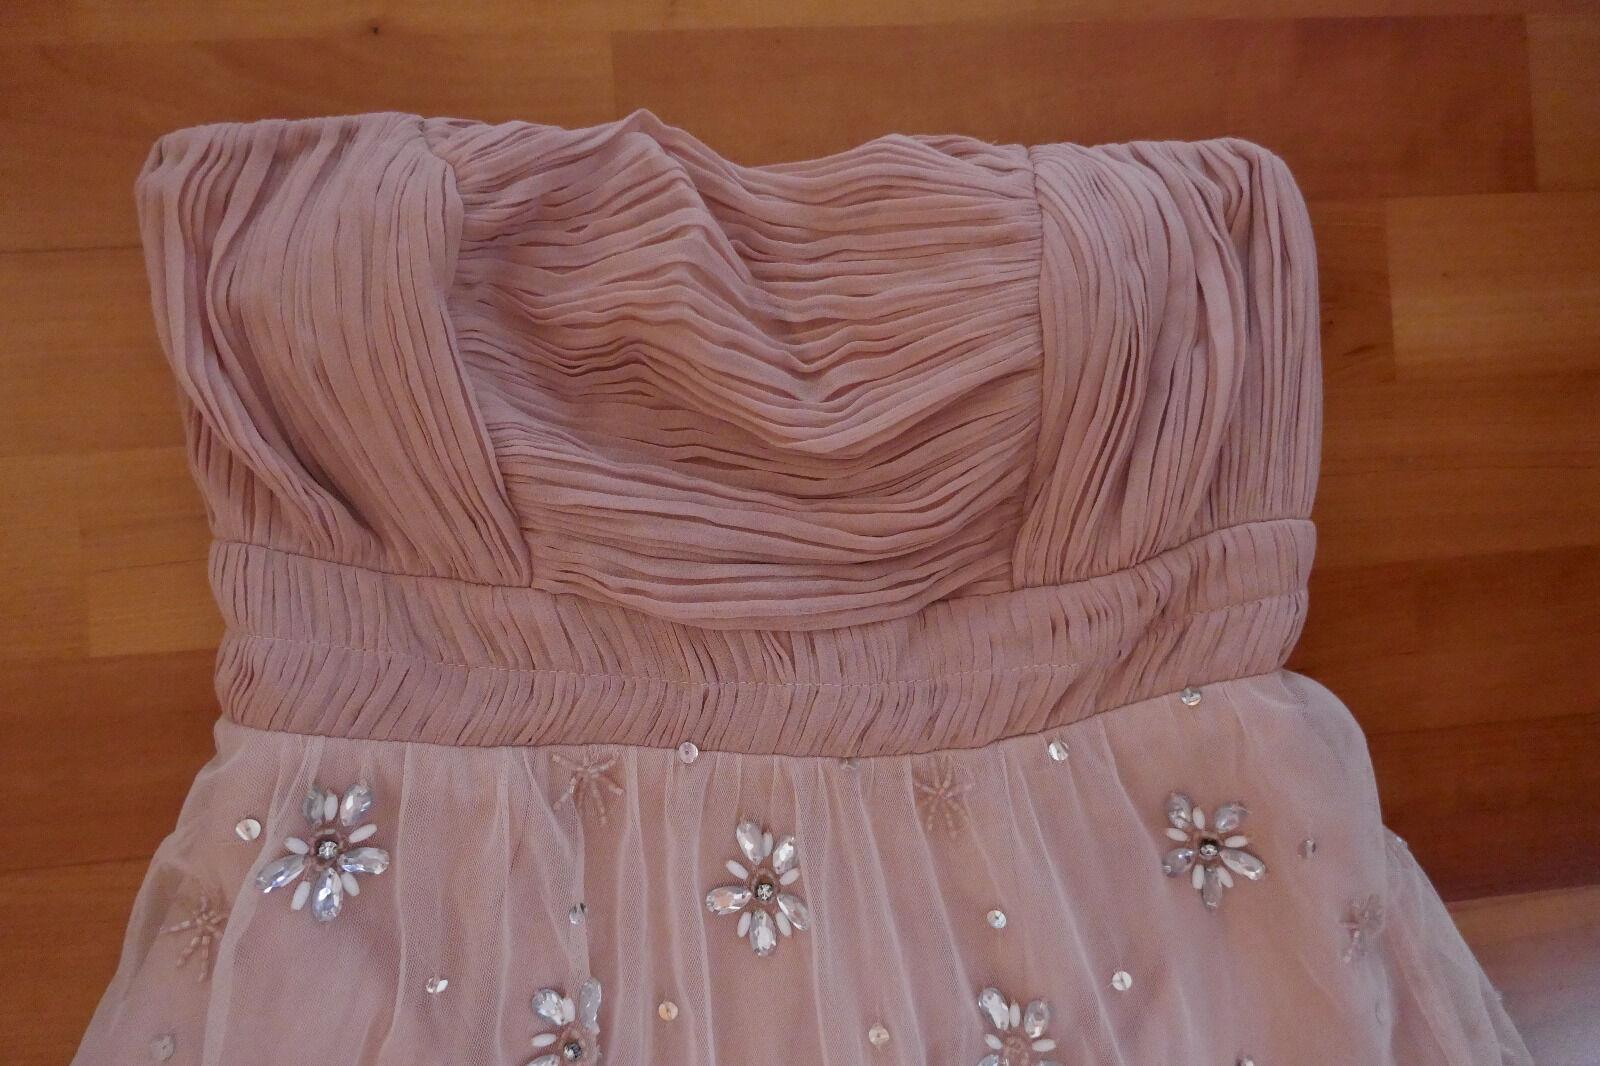 Kleid Damen Frock and Frill Rosa Rosa Rosa Strass Perlen Bandeau Gr. 38 Tüll Ball Fest neu a8c3ca